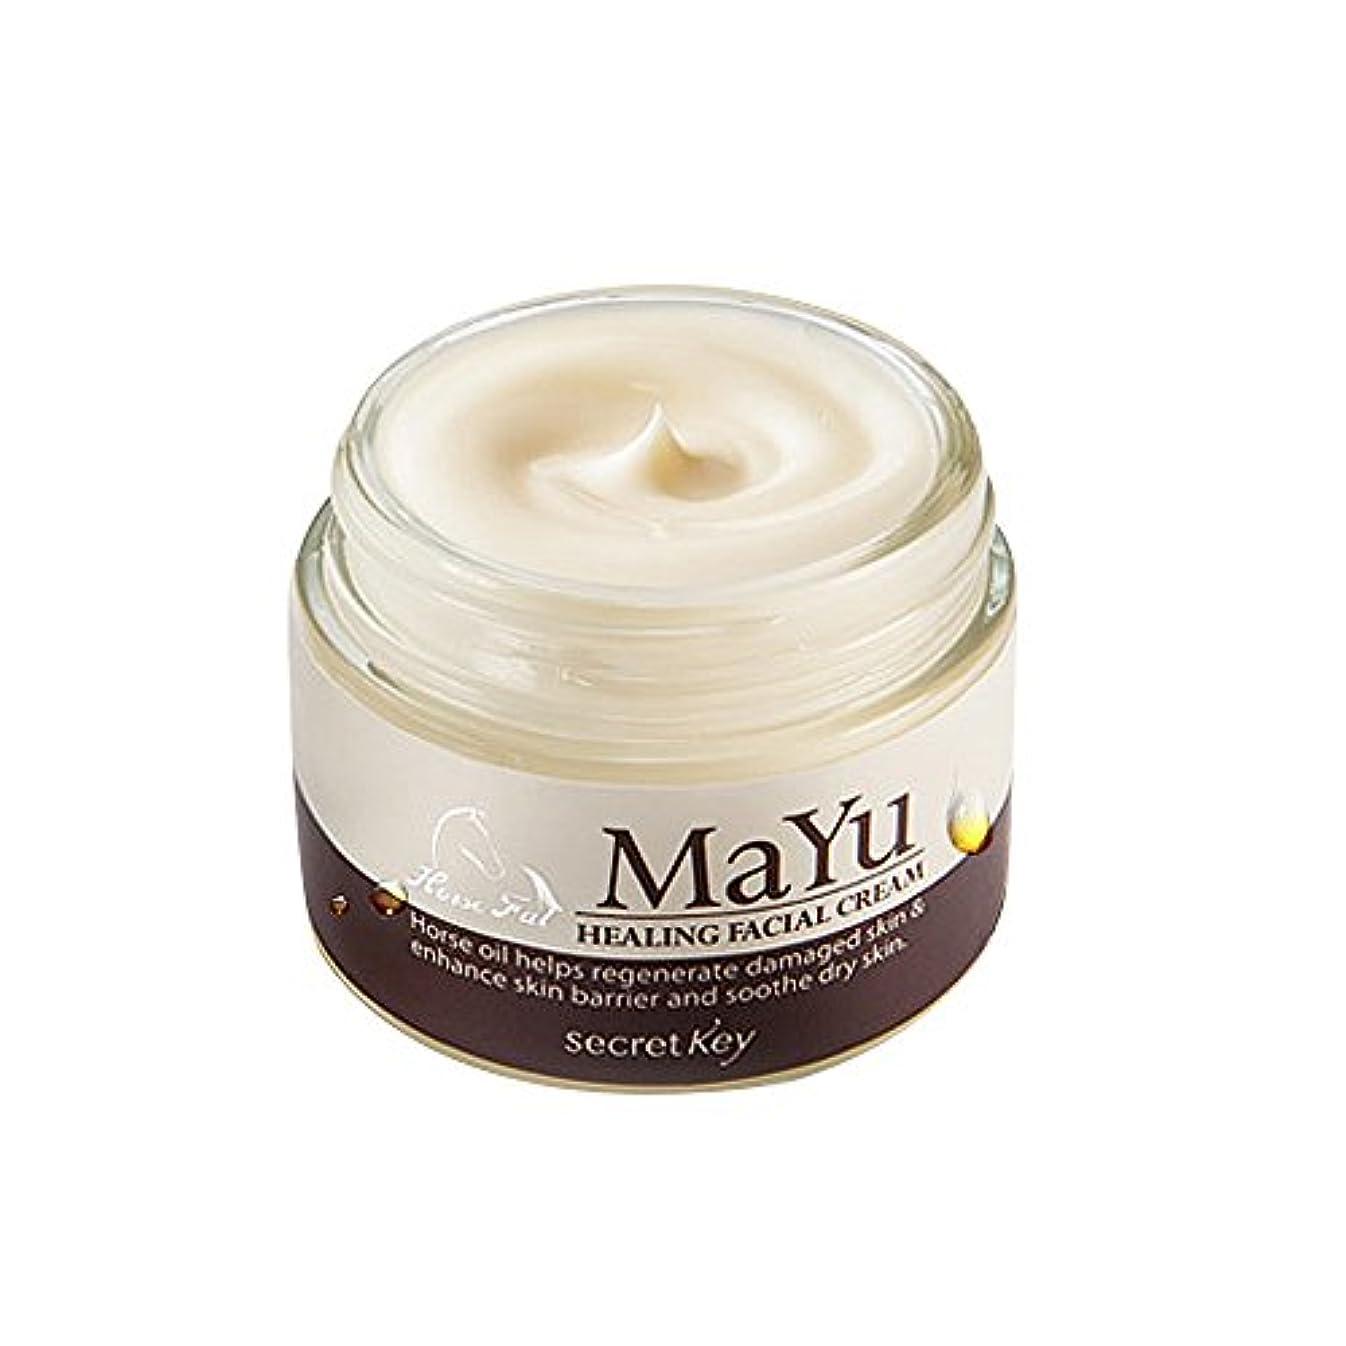 頑張るバラ色洞察力[シークレットキー]Secretkey 馬油ヒーリングフェイシャルクリーム70g 海外直送品 Mayu Healing Facial Cream 70g